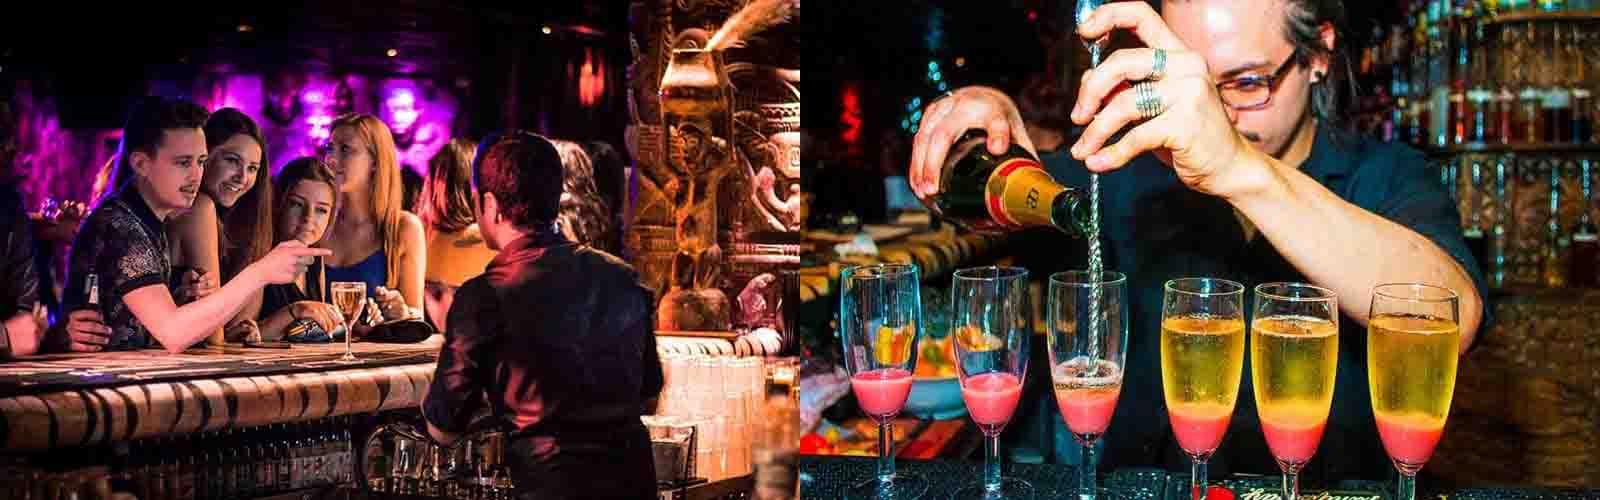 Ontdek de geheimen van Londen bij de Shaka Zulu Bar